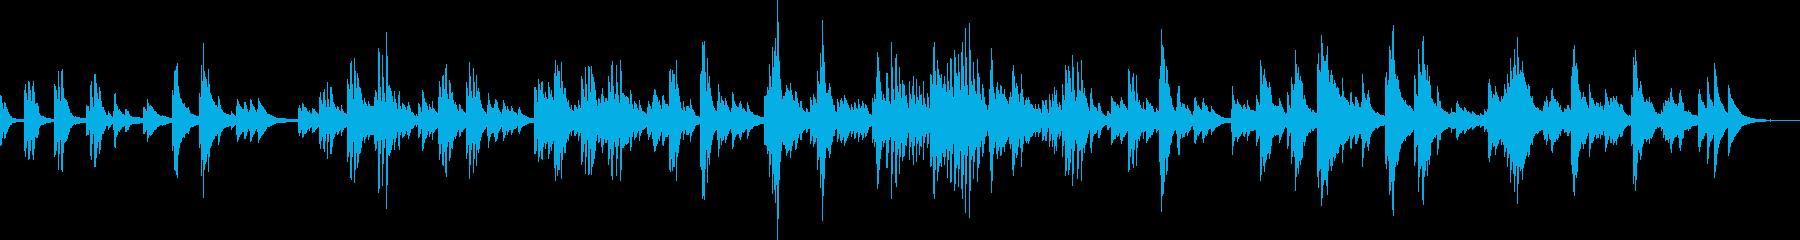 悲しみと絶望の果てに(ピアノ)の再生済みの波形